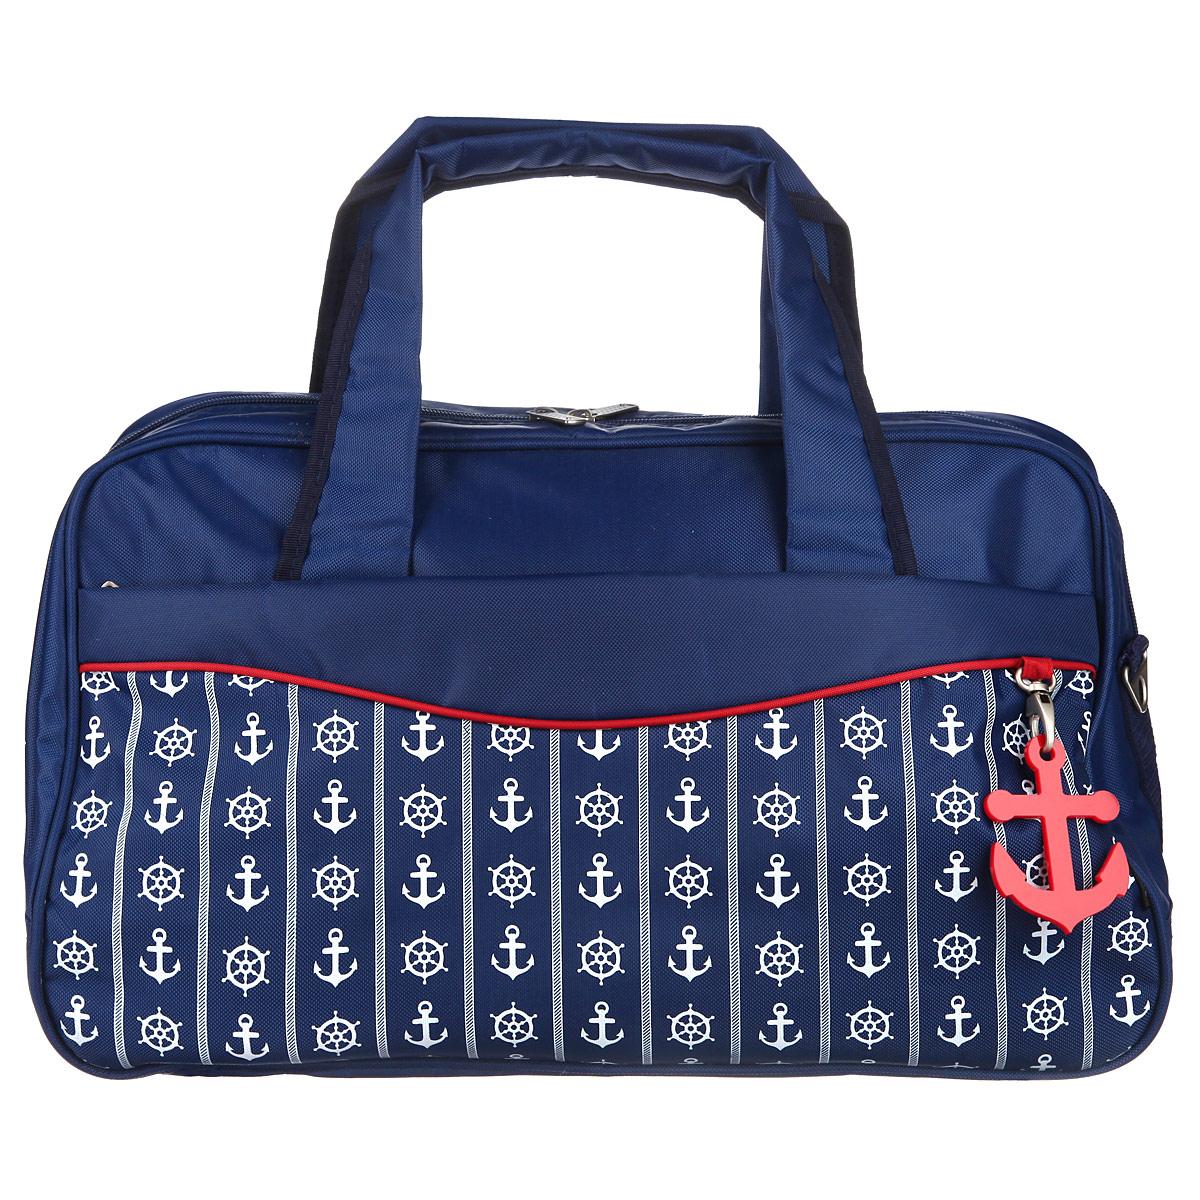 Сумка дорожная Antan Морской стиль, цвет: темно-синий. 2-4MMW-1462-01-SR серебристыйСтильная дорожная сумка Antan Морской стиль выполнена из высококачественного материала и украшена декоративным элементом в виде якоря. Состоит сумка из одного большого отделения, закрывающегося на пластиковую застежку-молнию, внутри которого расположены прорезной карман на молнии и два накладных кармана, предназначенных для телефона и мелочей. С внешней стороны предусмотрены два больших прорезных кармана на застежках-молниях. Изделие оснащено двумя прочными ручками. В комплект входит съемный наплечный ремень, длина которого регулируется пряжкой. Дно изделия уплотнено и дополнено пятью пластиковыми ножками, обеспечивающими дополнительную устойчивость и защиту от загрязнений. Оформлена сумка оригинальным принтом на морскую тематику.Такая сумка идеально подойдет для дальних поездок, в нее можно положить все необходимое.